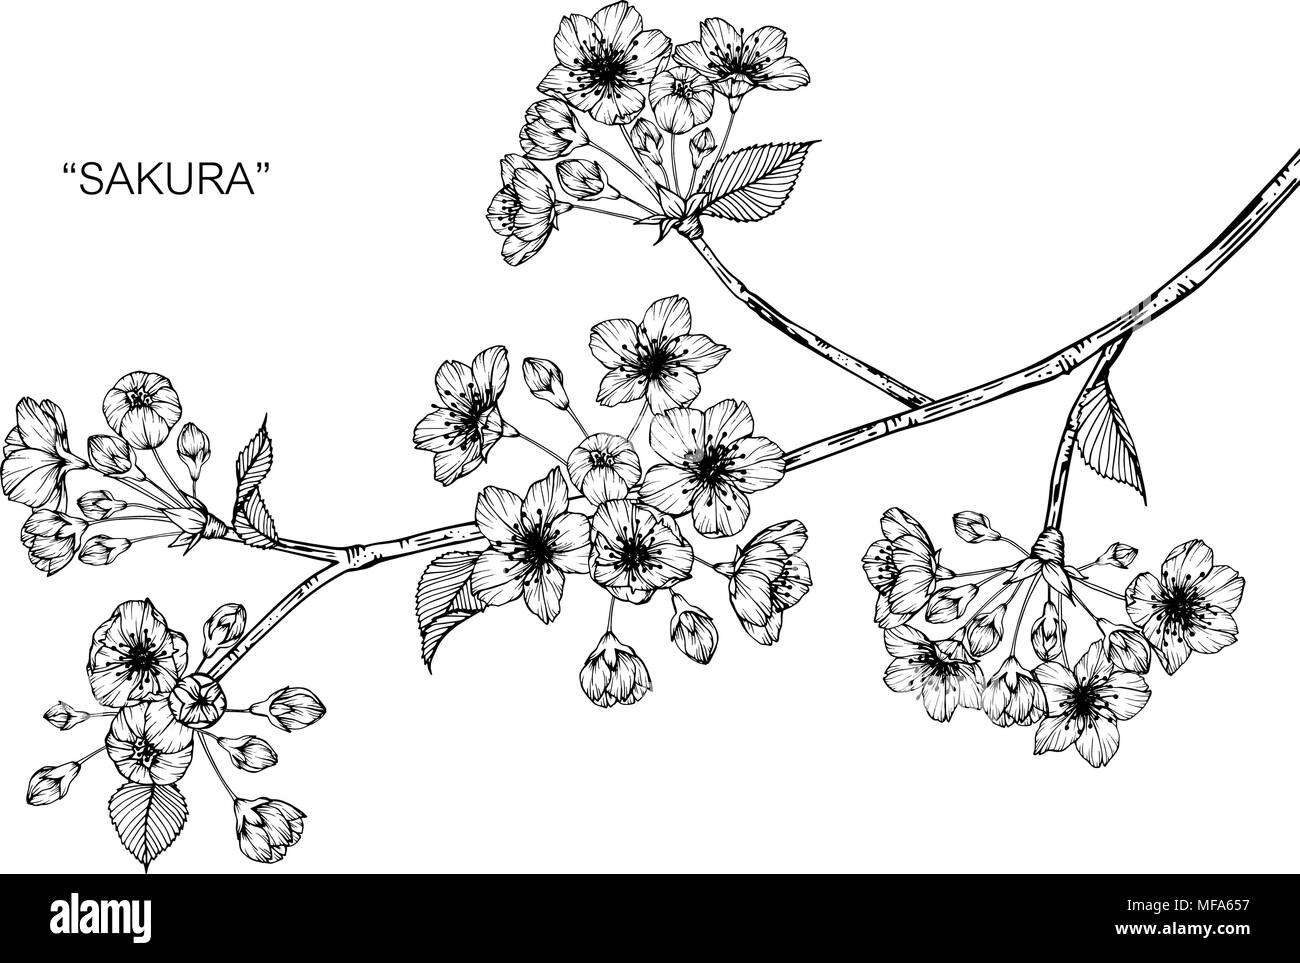 Dessin Fleur Sakura Illustration Noir Et Blanc Avec Dessin Au Trait